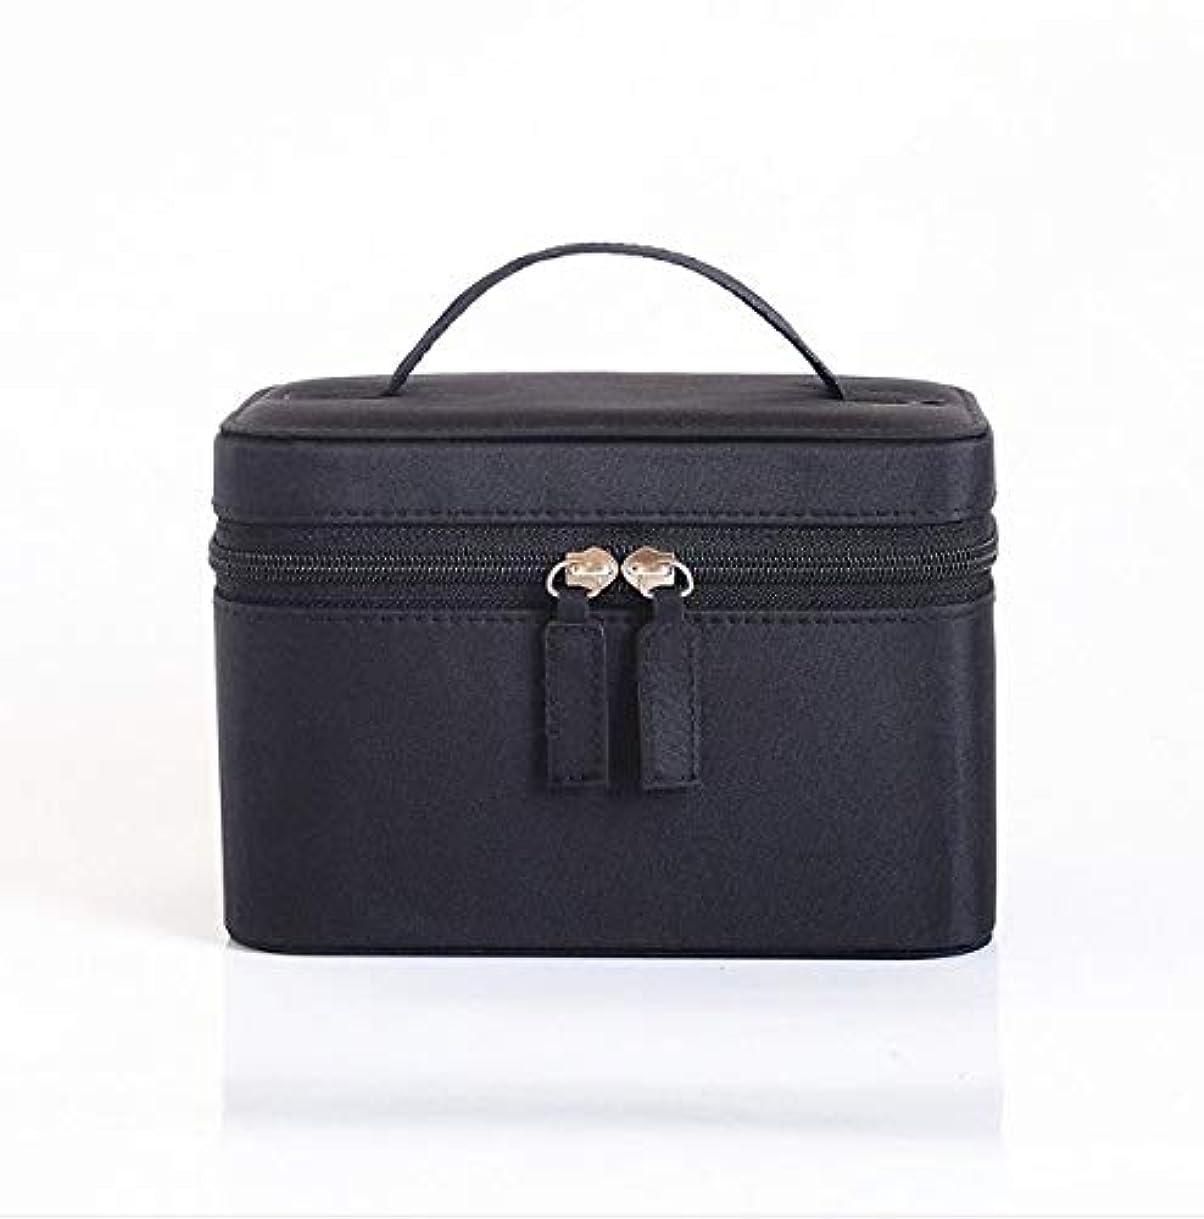 ビリーによって可愛い化粧品ケース、大容量防水三次元ポータブル旅行化粧品袋収納袋、美容ネイルジュエリー収納ボックス